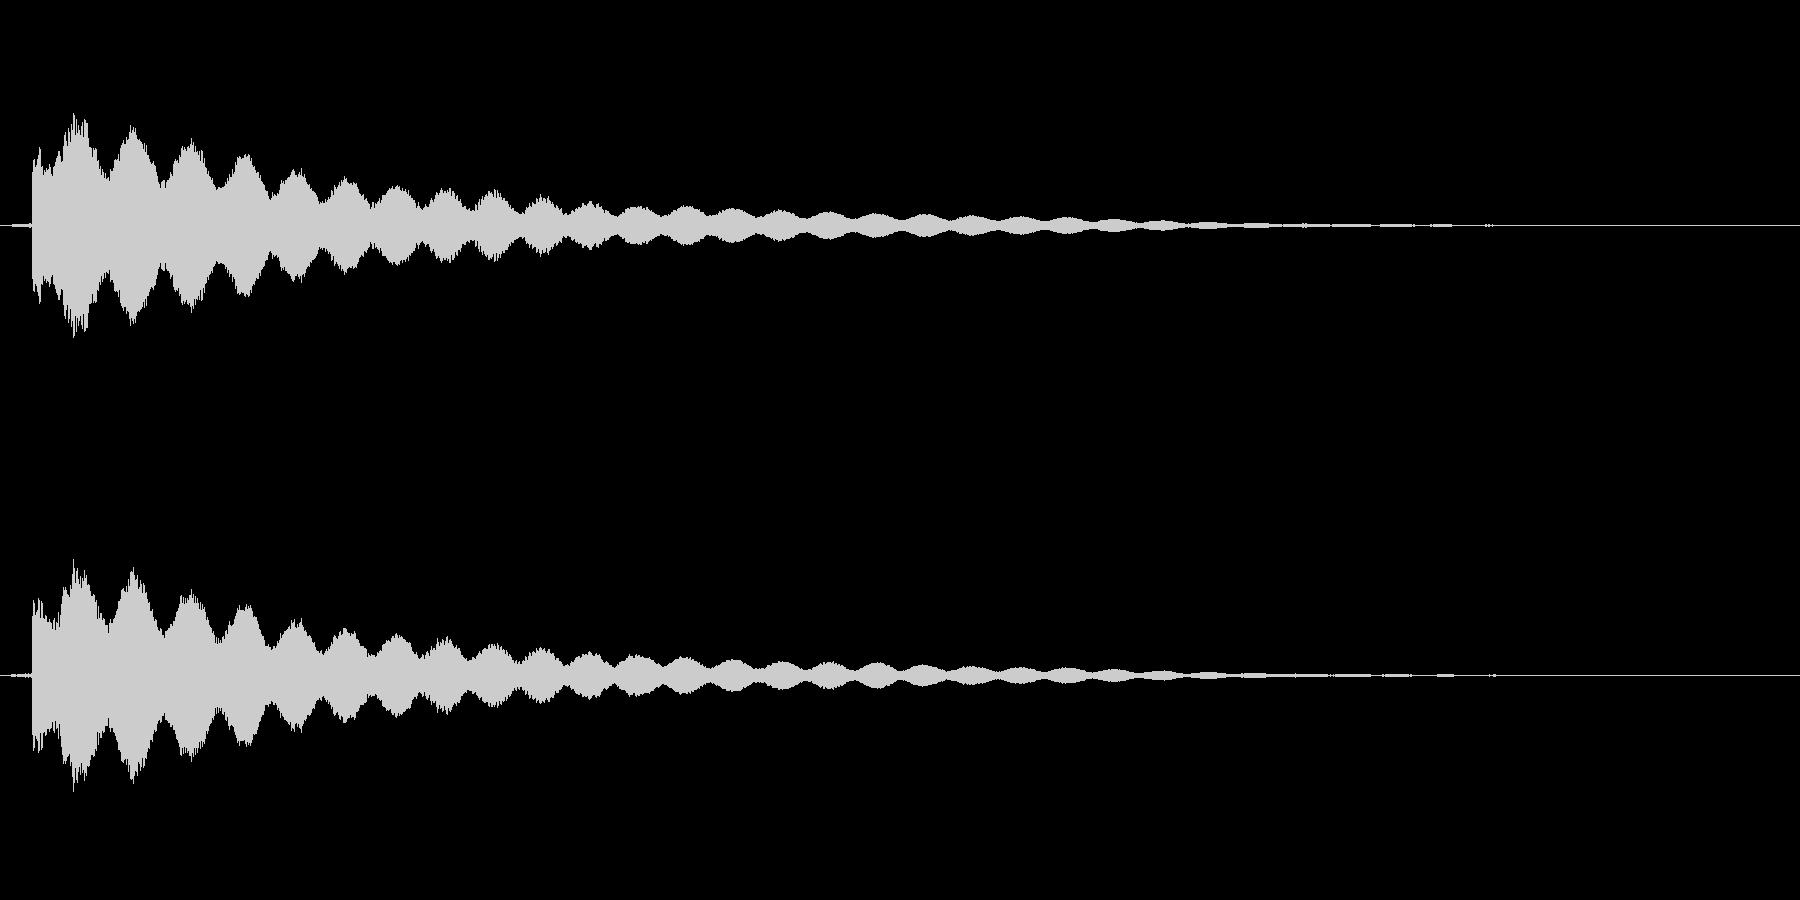 キュピーン(ひらめく、眼鏡が光る音など)の未再生の波形